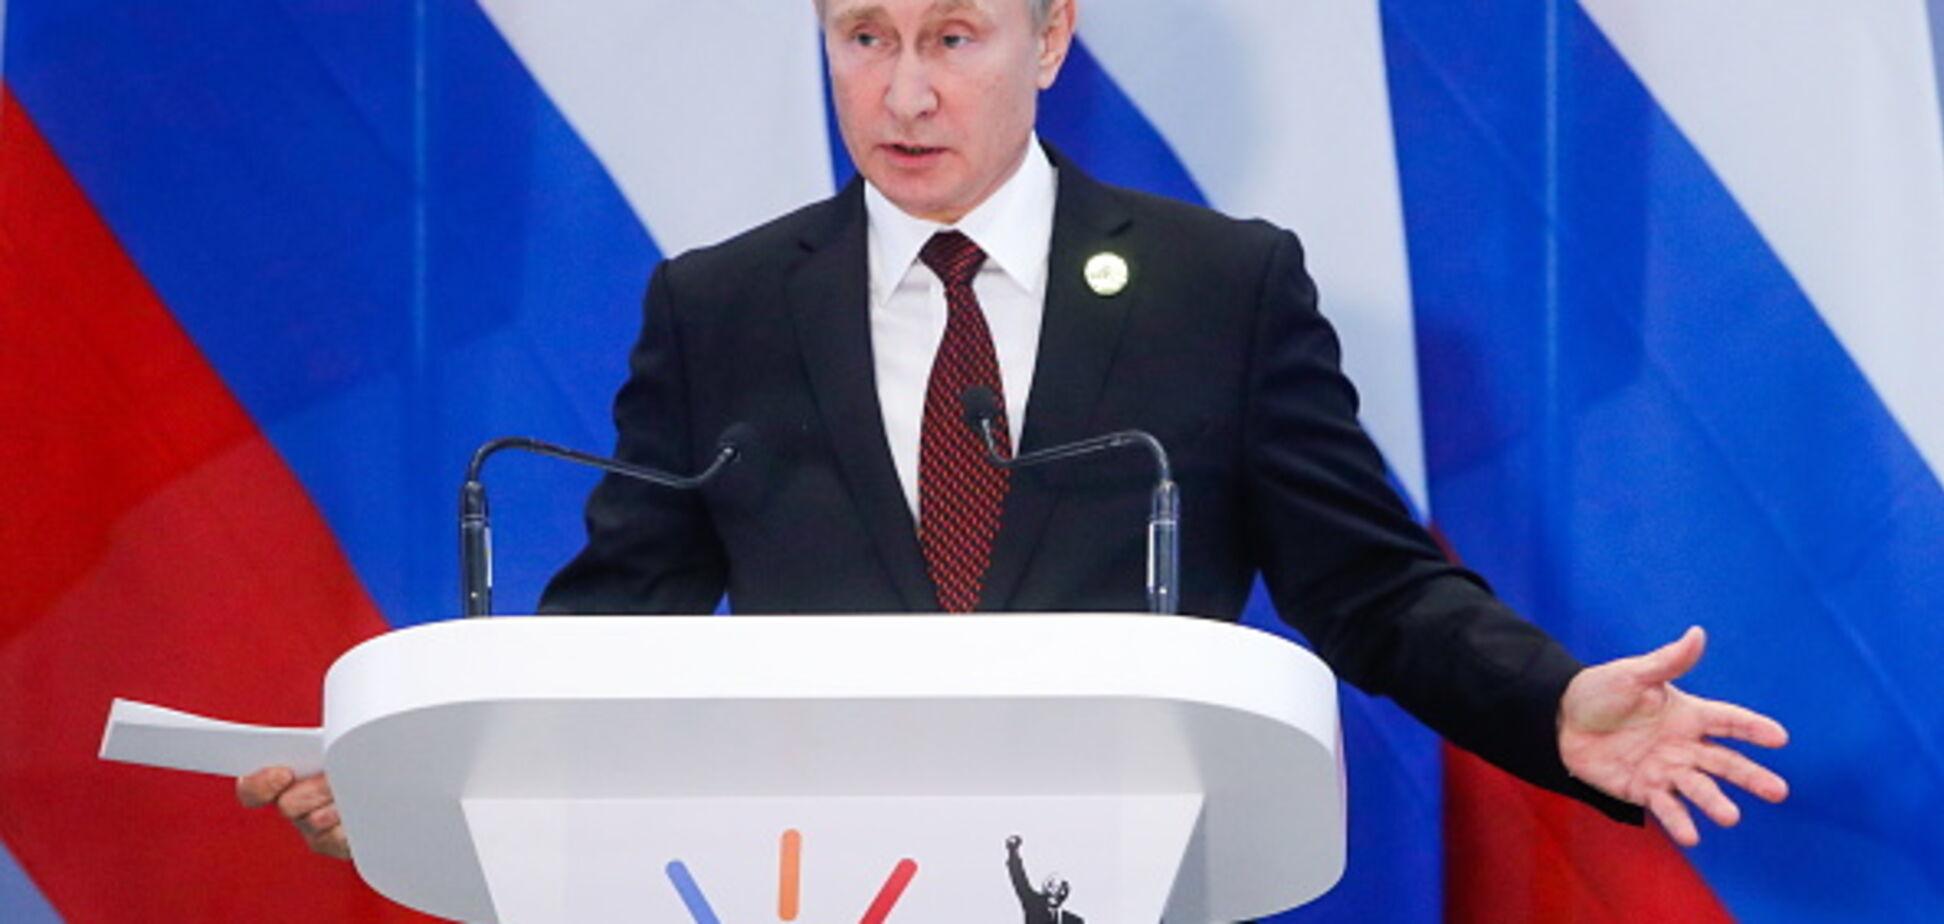 Референдум на Донбасі: Путін раптово 'дав задню'